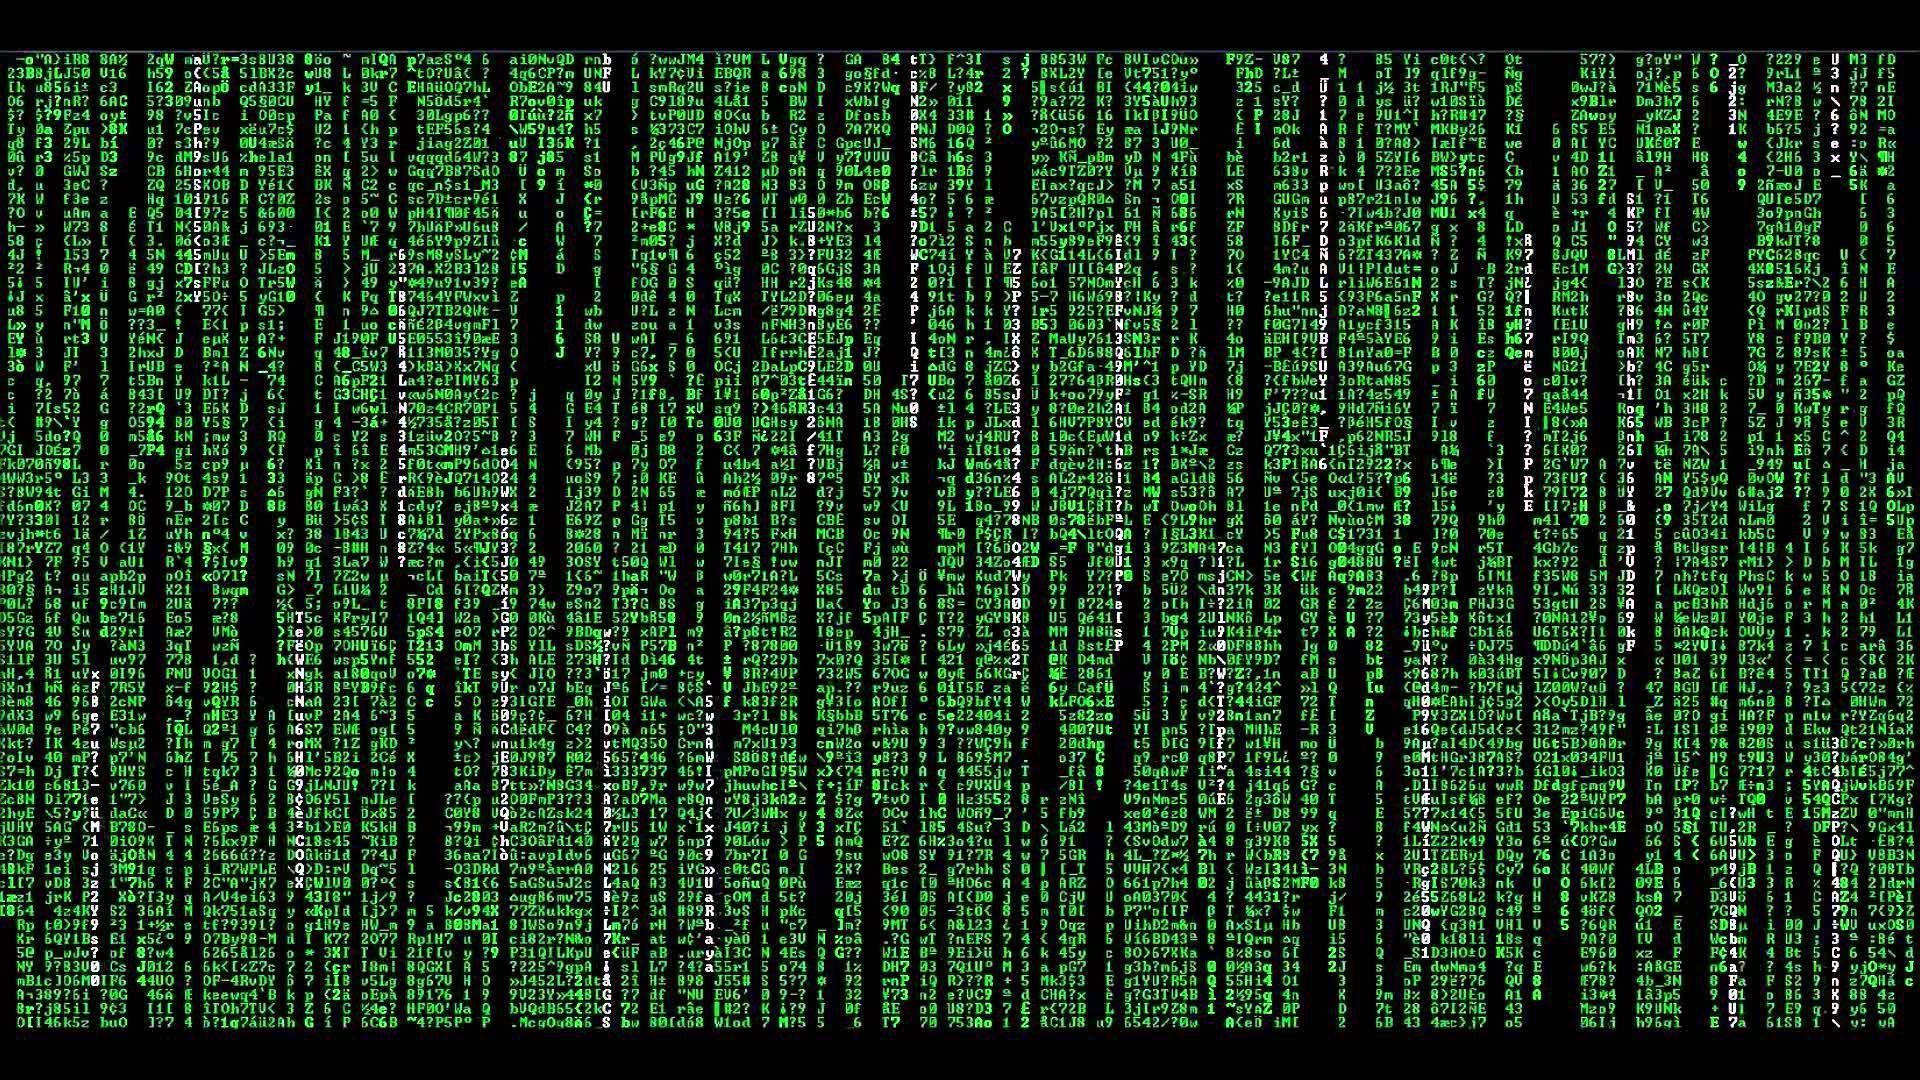 matrix live wallpaper google play store revenue download